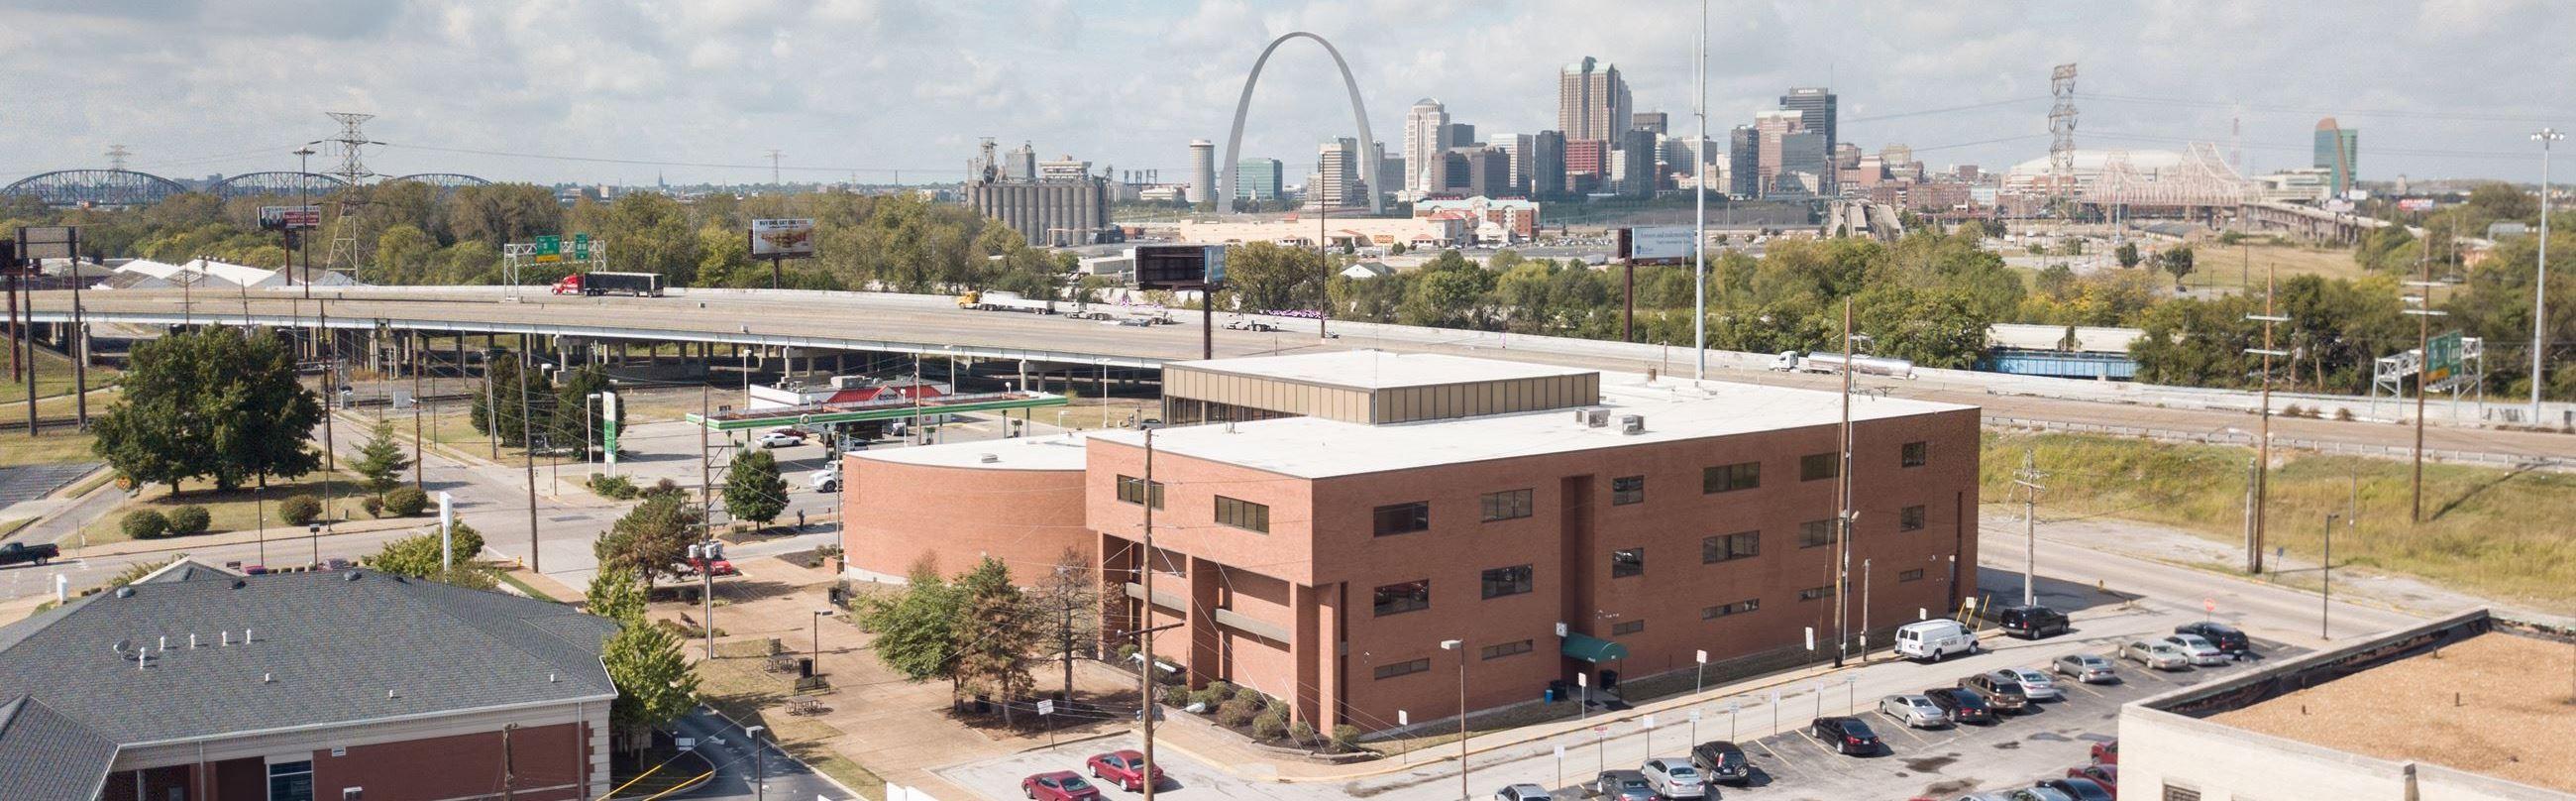 East St  Louis, IL   Official Website